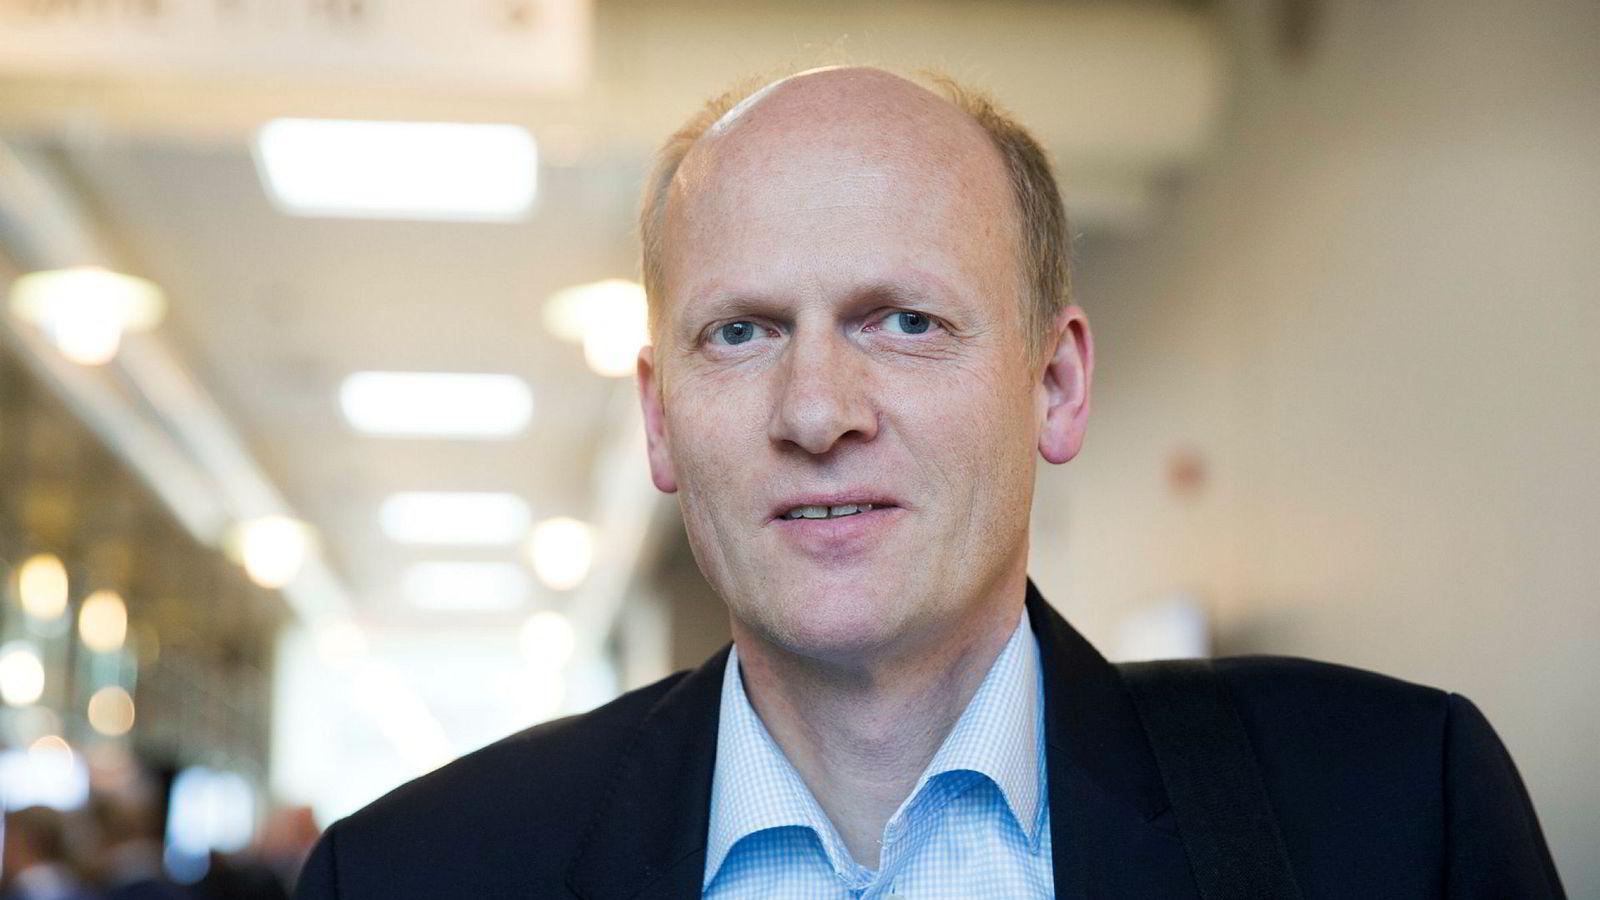 Statssekretær Anders B. Werp i Samferdselsdepartementet mener den nye byvekstavtalen for Oslo og Akershus er et viktig steg på veien for et godt bymiljø i hovedstadsregionen.